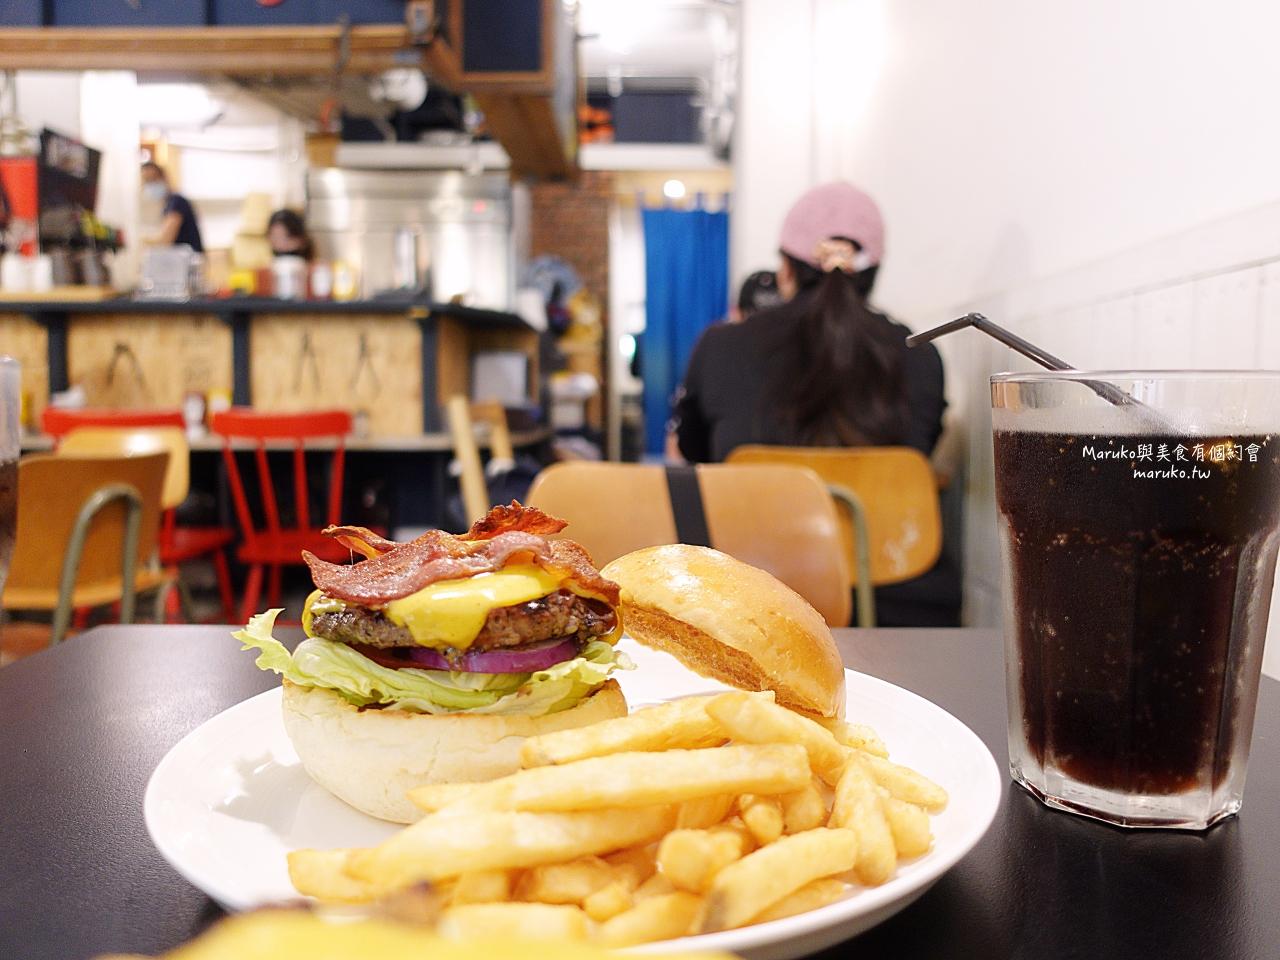 【阿蘇住宿】南阿蘇Hotel Greenpia Minamiaso|一泊二食溫泉旅館熊本旅遊二天一夜行程規劃 @Maruko與美食有個約會